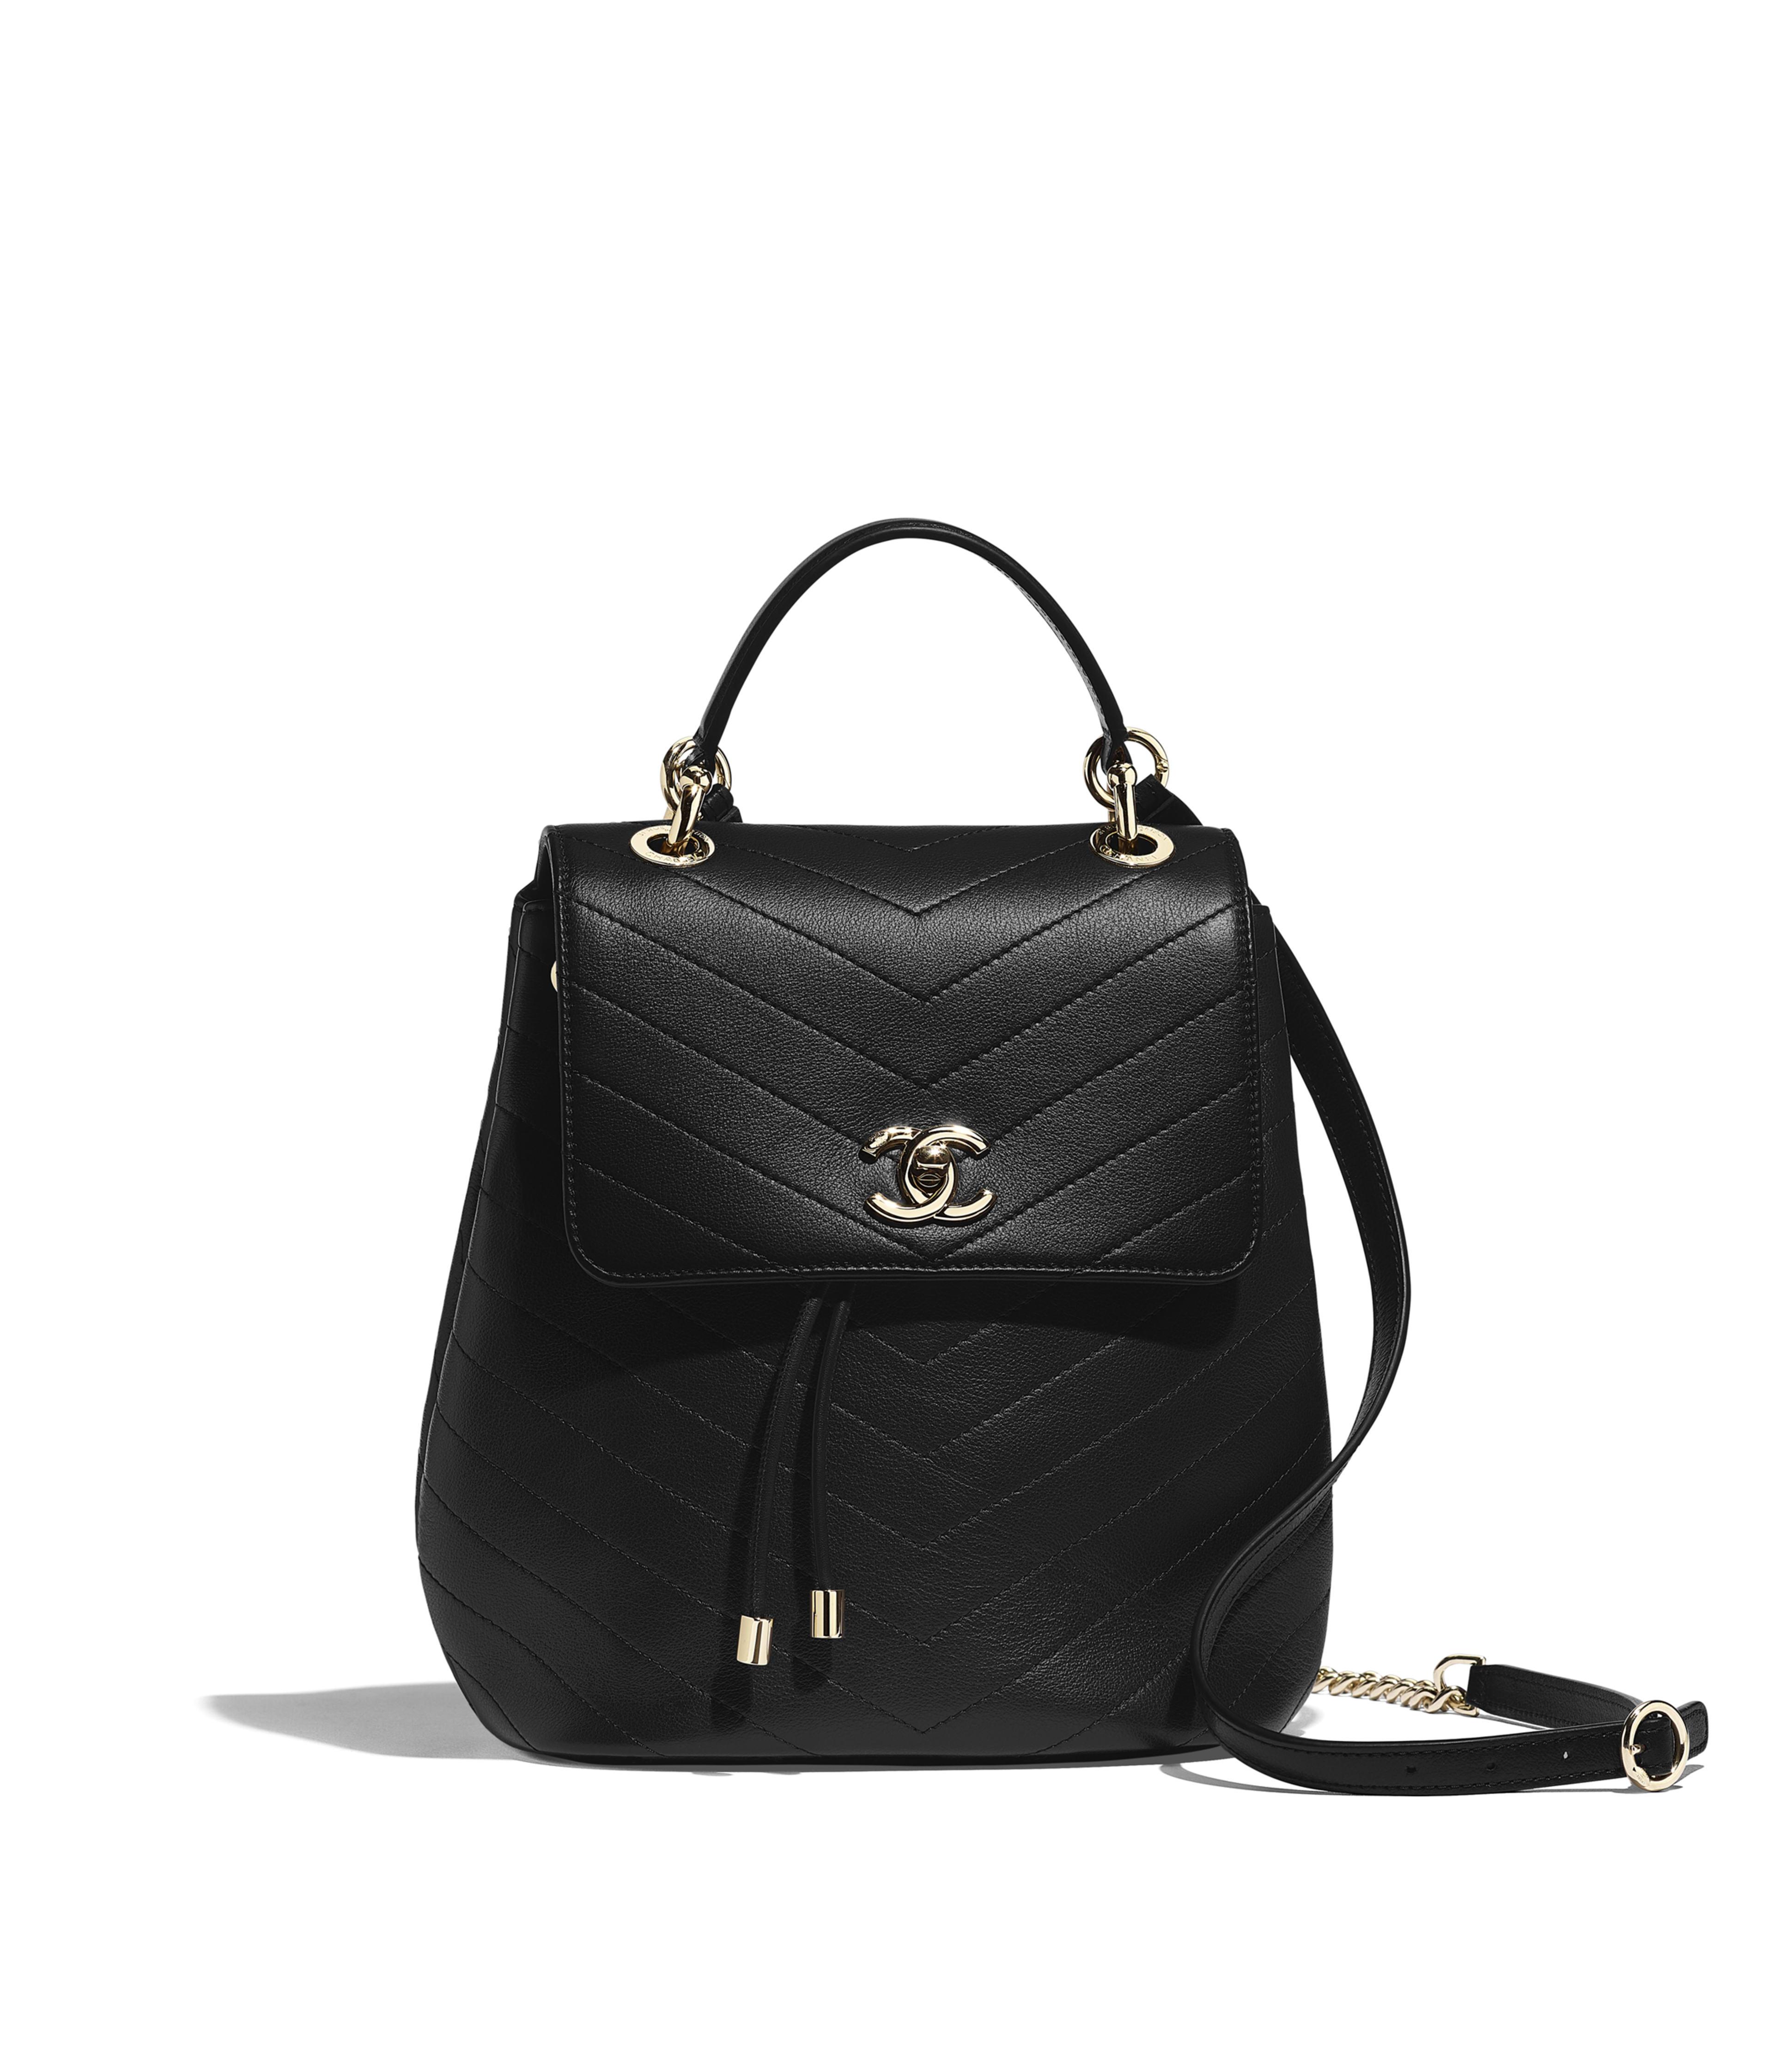 b03905118fc5 Backpack Grained Calfskin & Gold-Tone Metal, Black Ref. AS0640Y8338194305